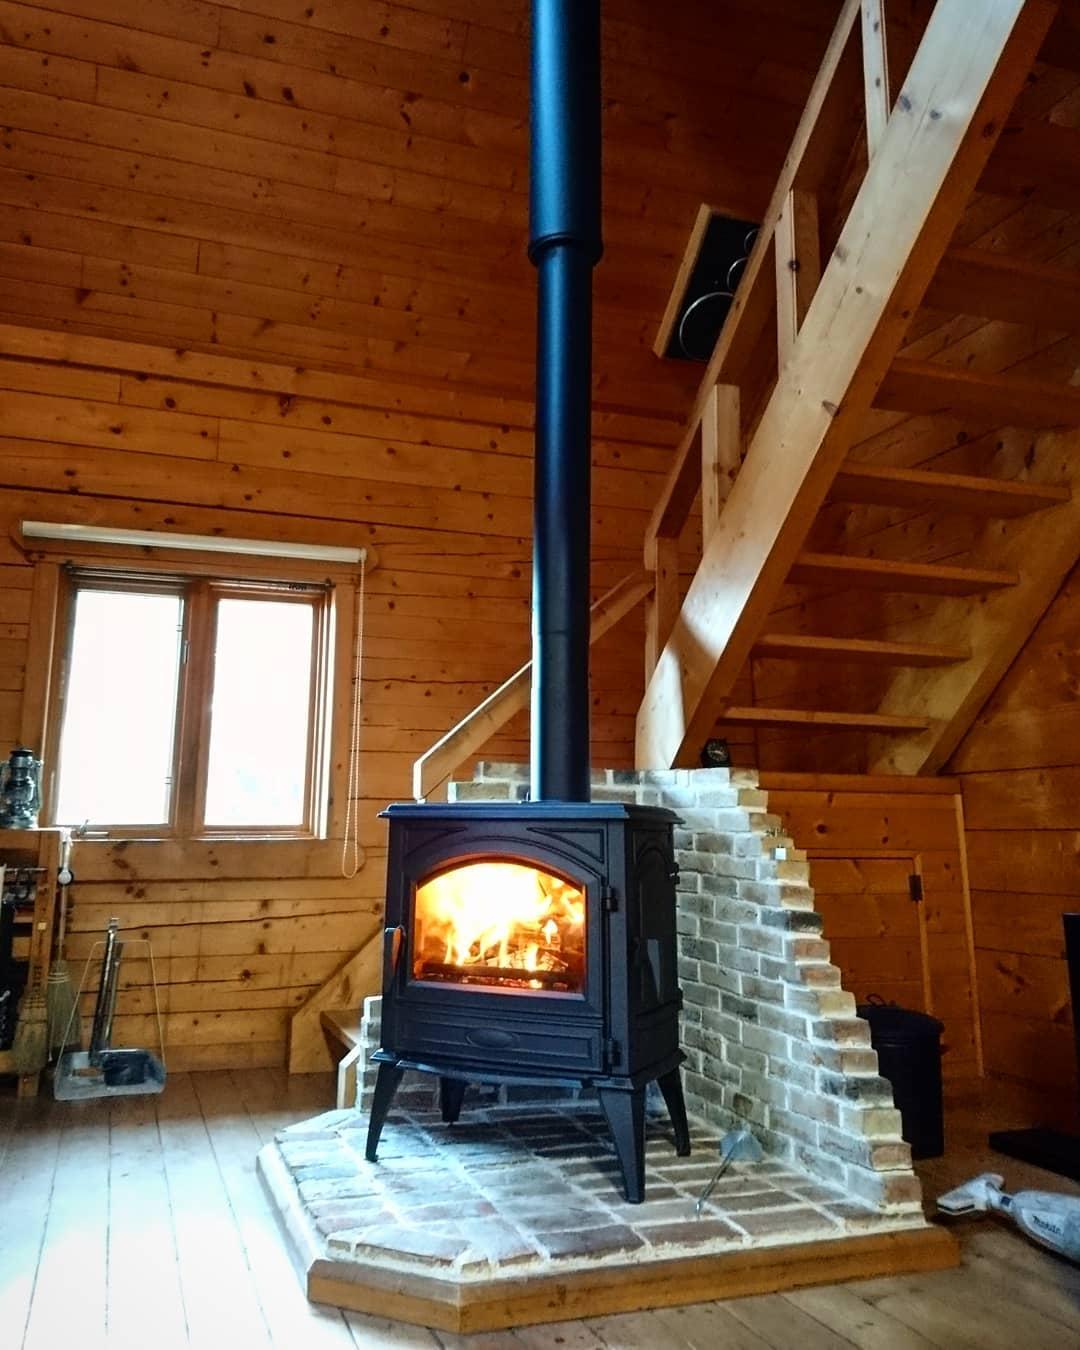 woodstove & chimneybefore and after series no.7コンベンションヒーターを愛用した前オーナーからログハウスを引き継いだ新オーナー。煙突もストーブもくたびれて…満を持して憧れのドブレストーブとチムニートップへ全改修。時と共に味わいを増した飴色のログ壁、アンティークレンガのストーブステージ、ストーブは替わってもその相性はバッチリです。#ストーブハウス原村#八ヶ岳の薪ストーブ専門店#八ヶ岳#北杜市#ドブレ#ベルギー#640wd#薪ストーブ#レンガ#ログハウス#春#アンティーク#セカンドライフ#長野県#山梨県#神奈川県#アウトドア#キャンプ#diy#シンプル#別荘#田舎暮らし